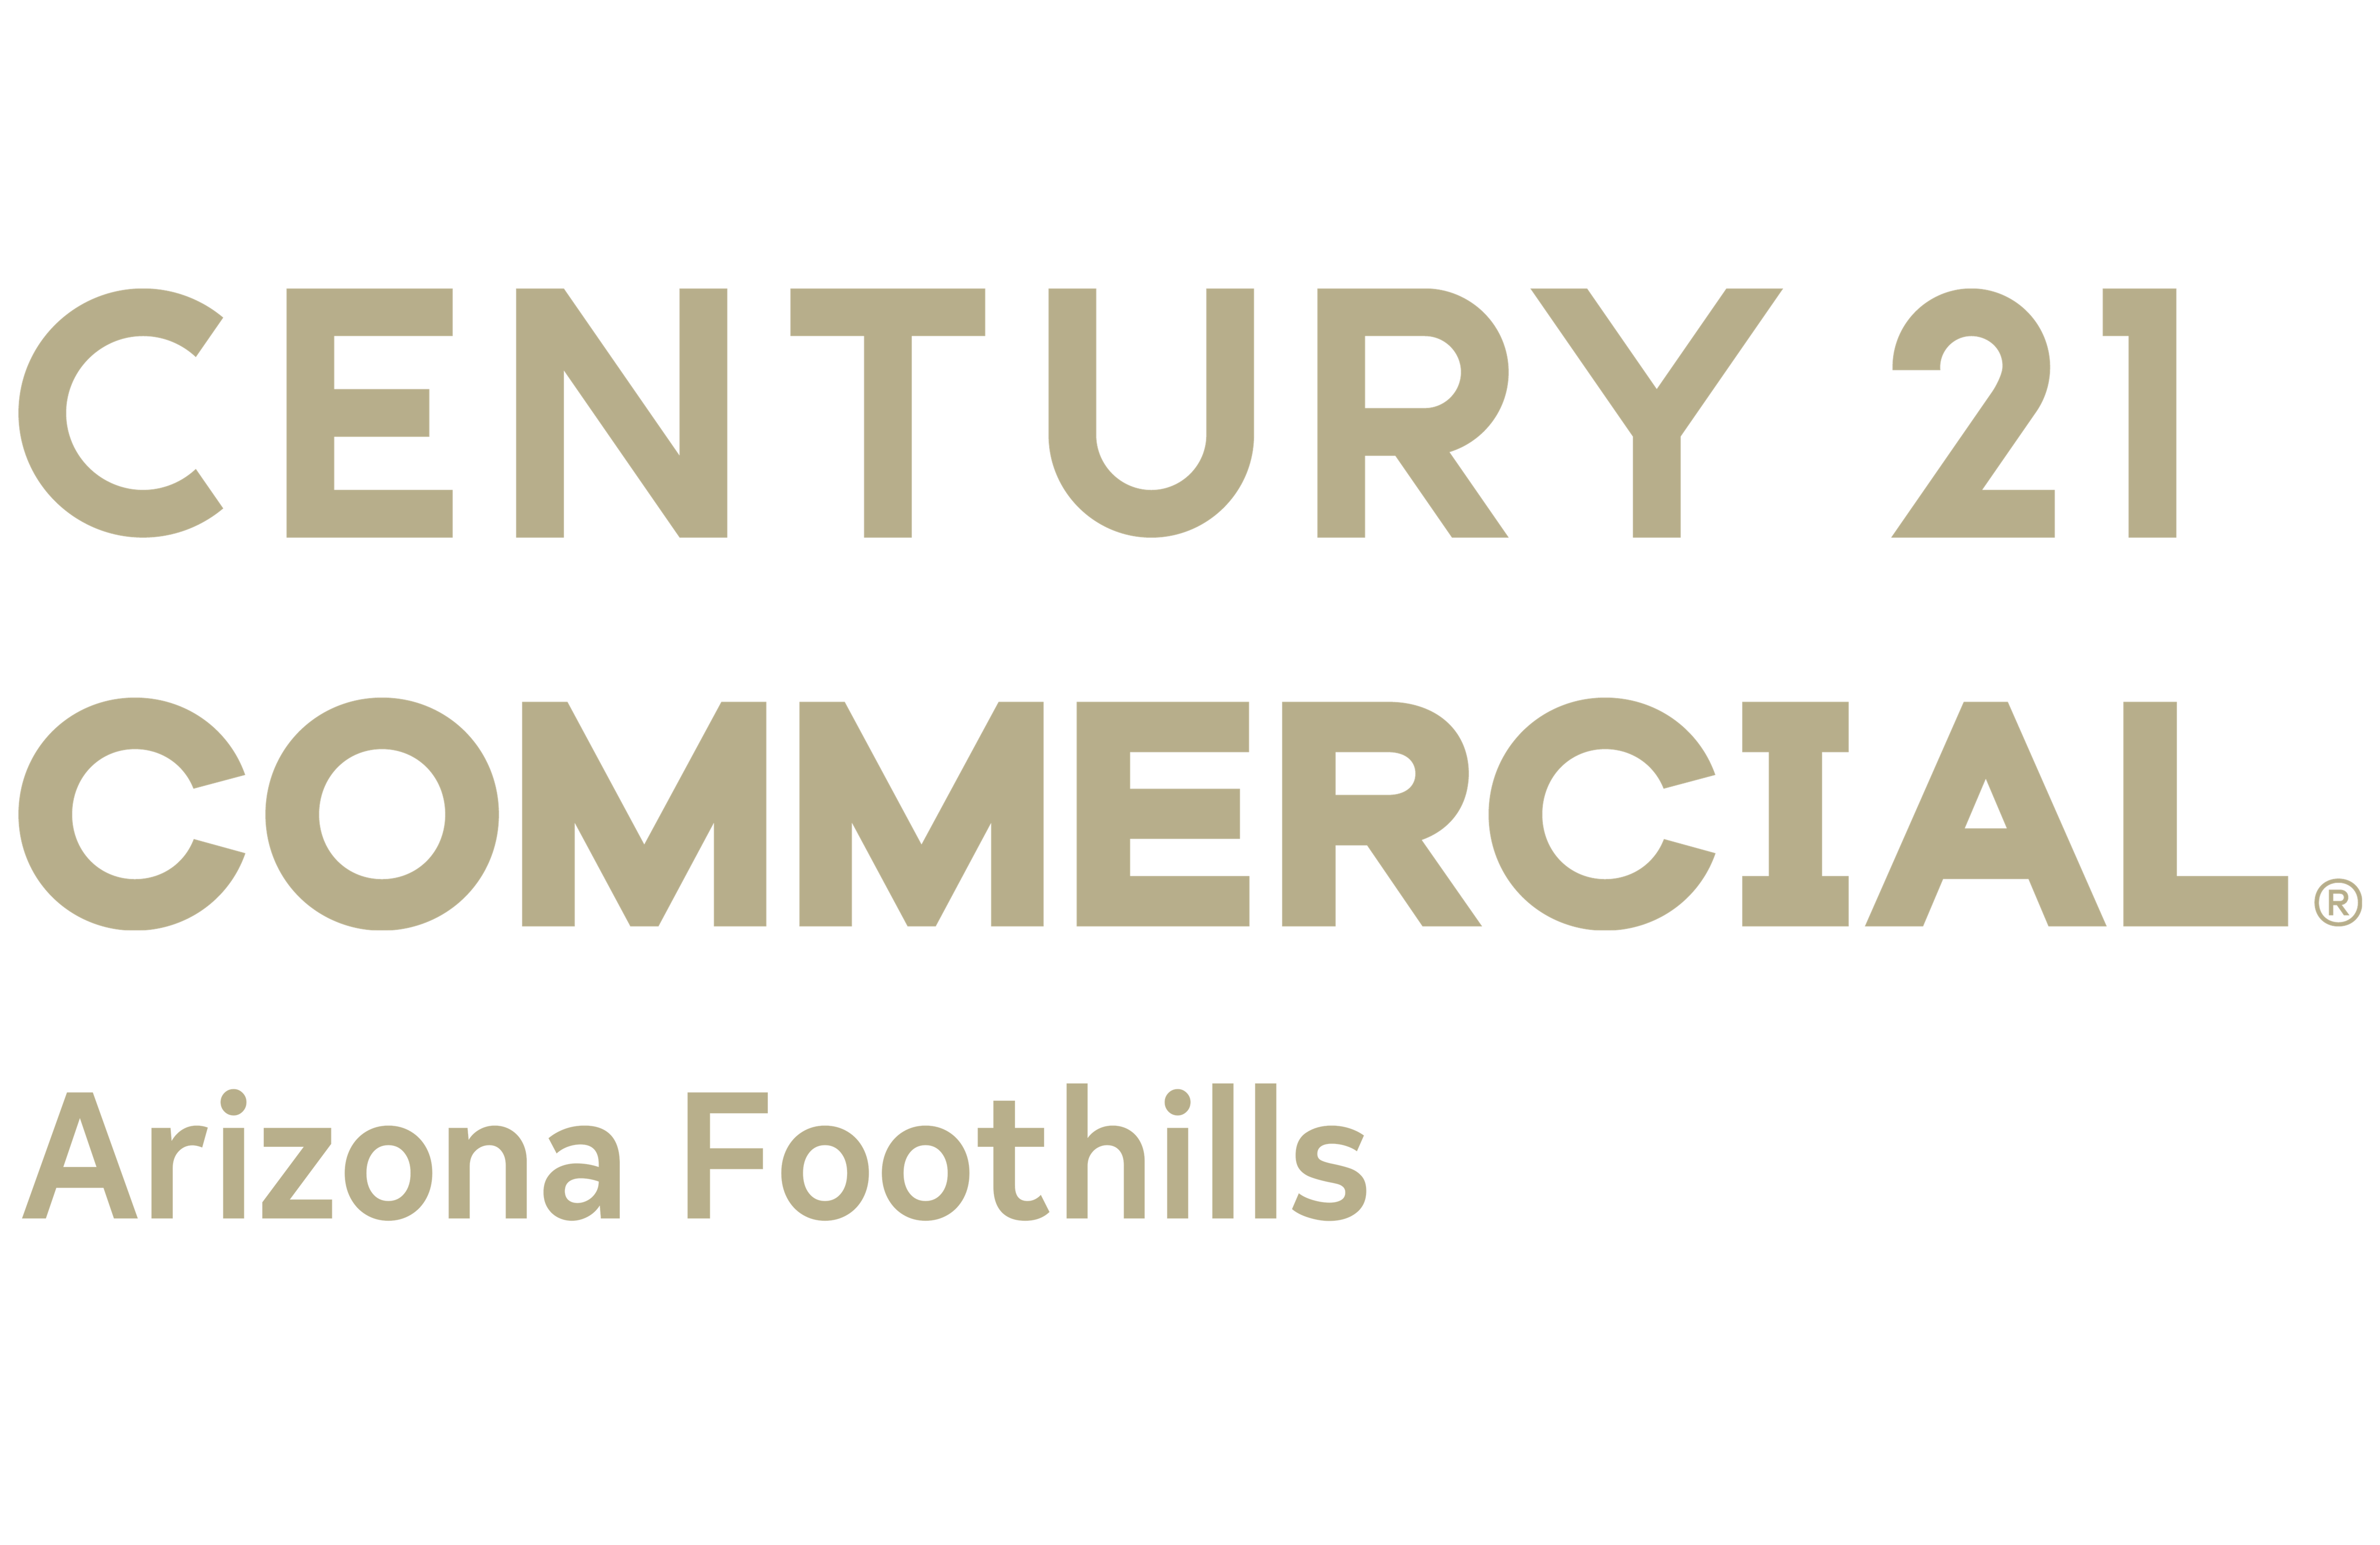 CENTURY 21 Arizona Foothills